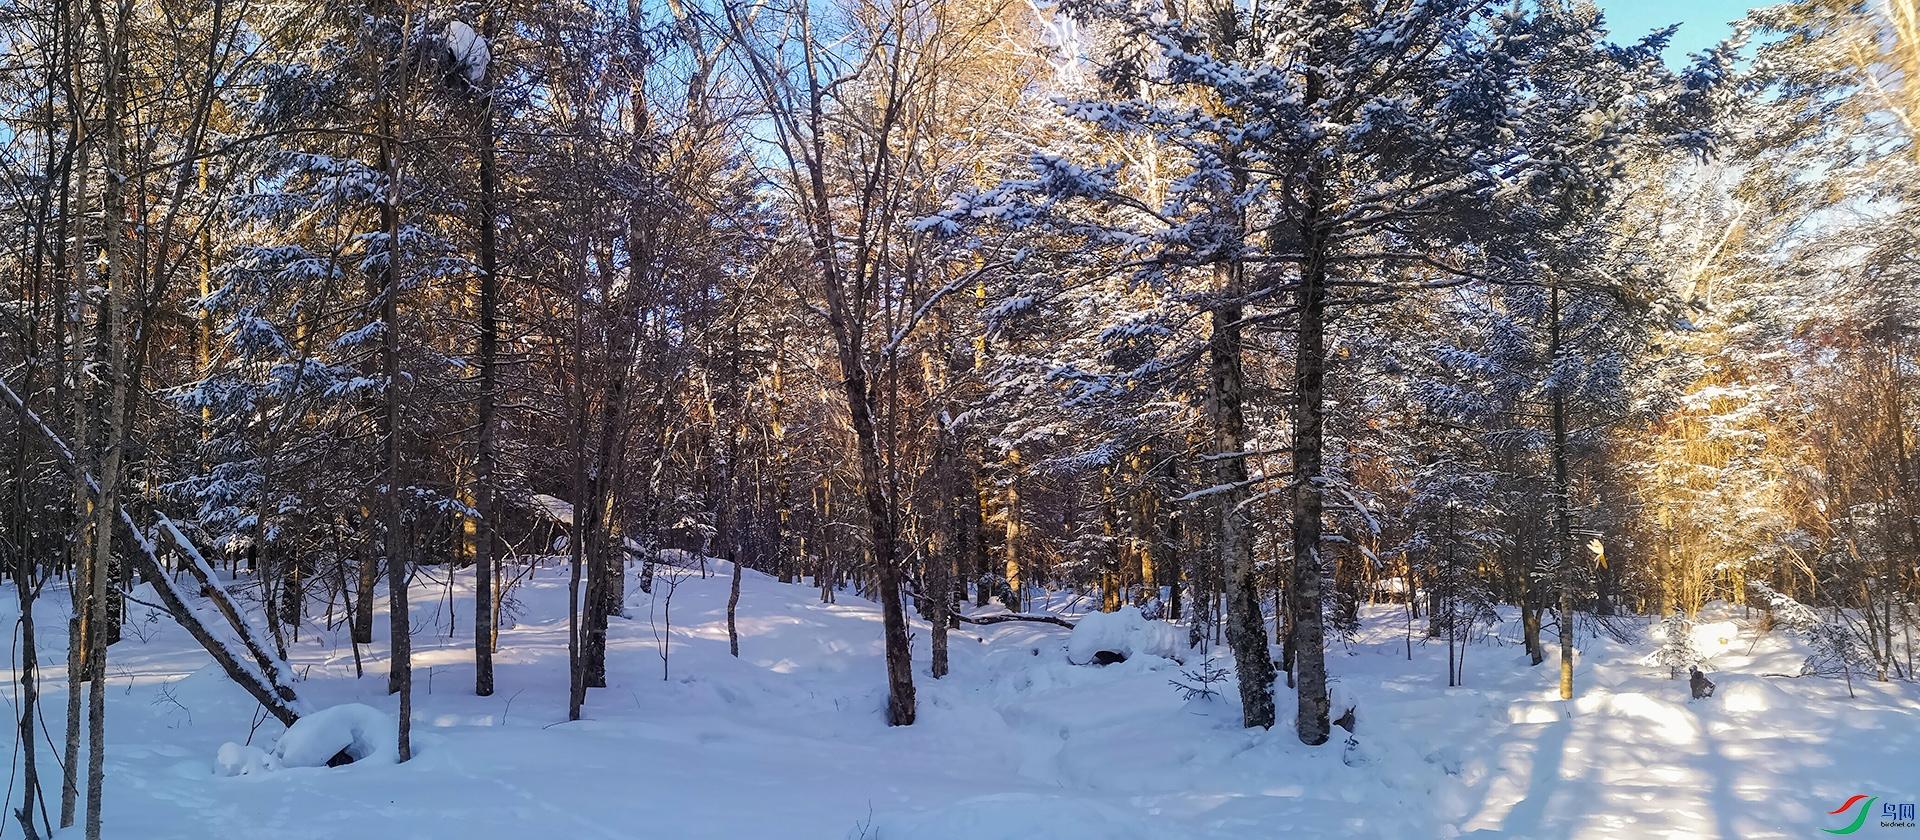 林海雪原的早晨